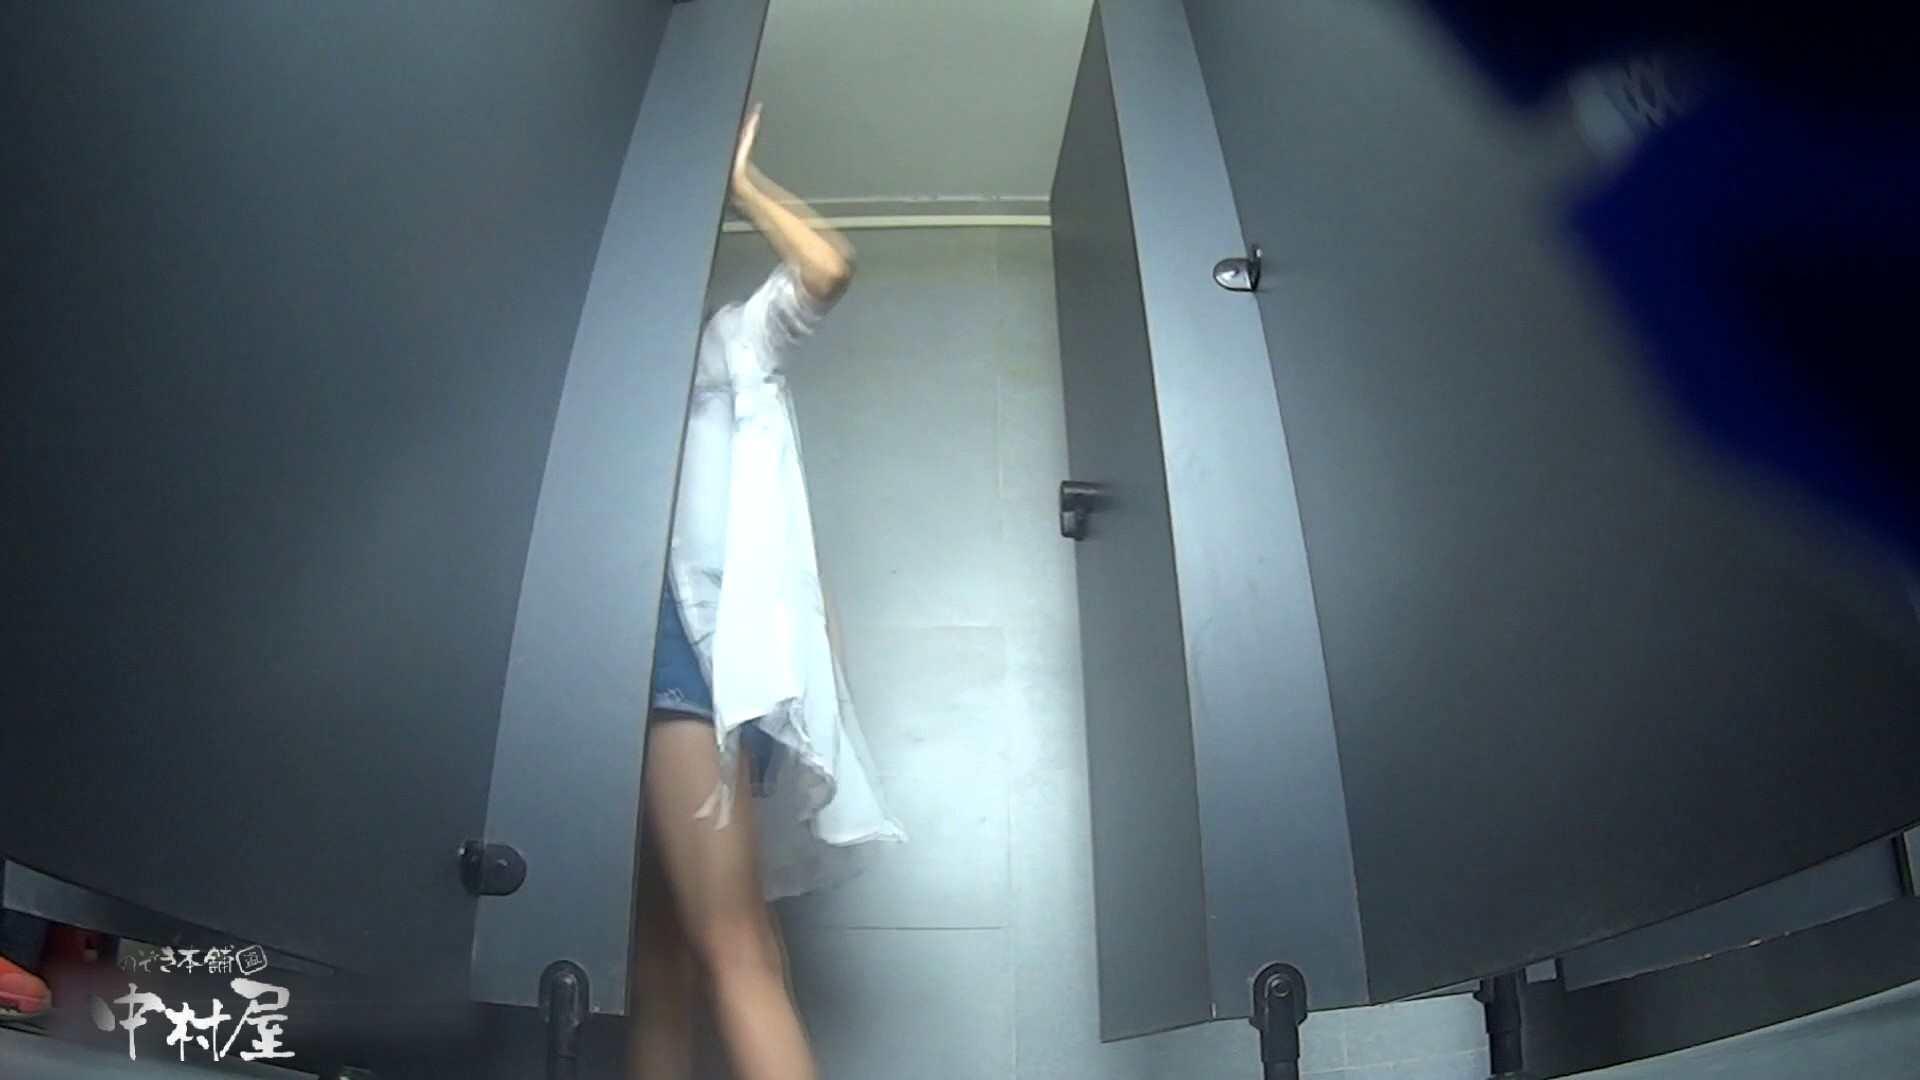 ツンデレお女市さんのトイレ事情 大学休憩時間の洗面所事情32 0 | 0  44連発 13